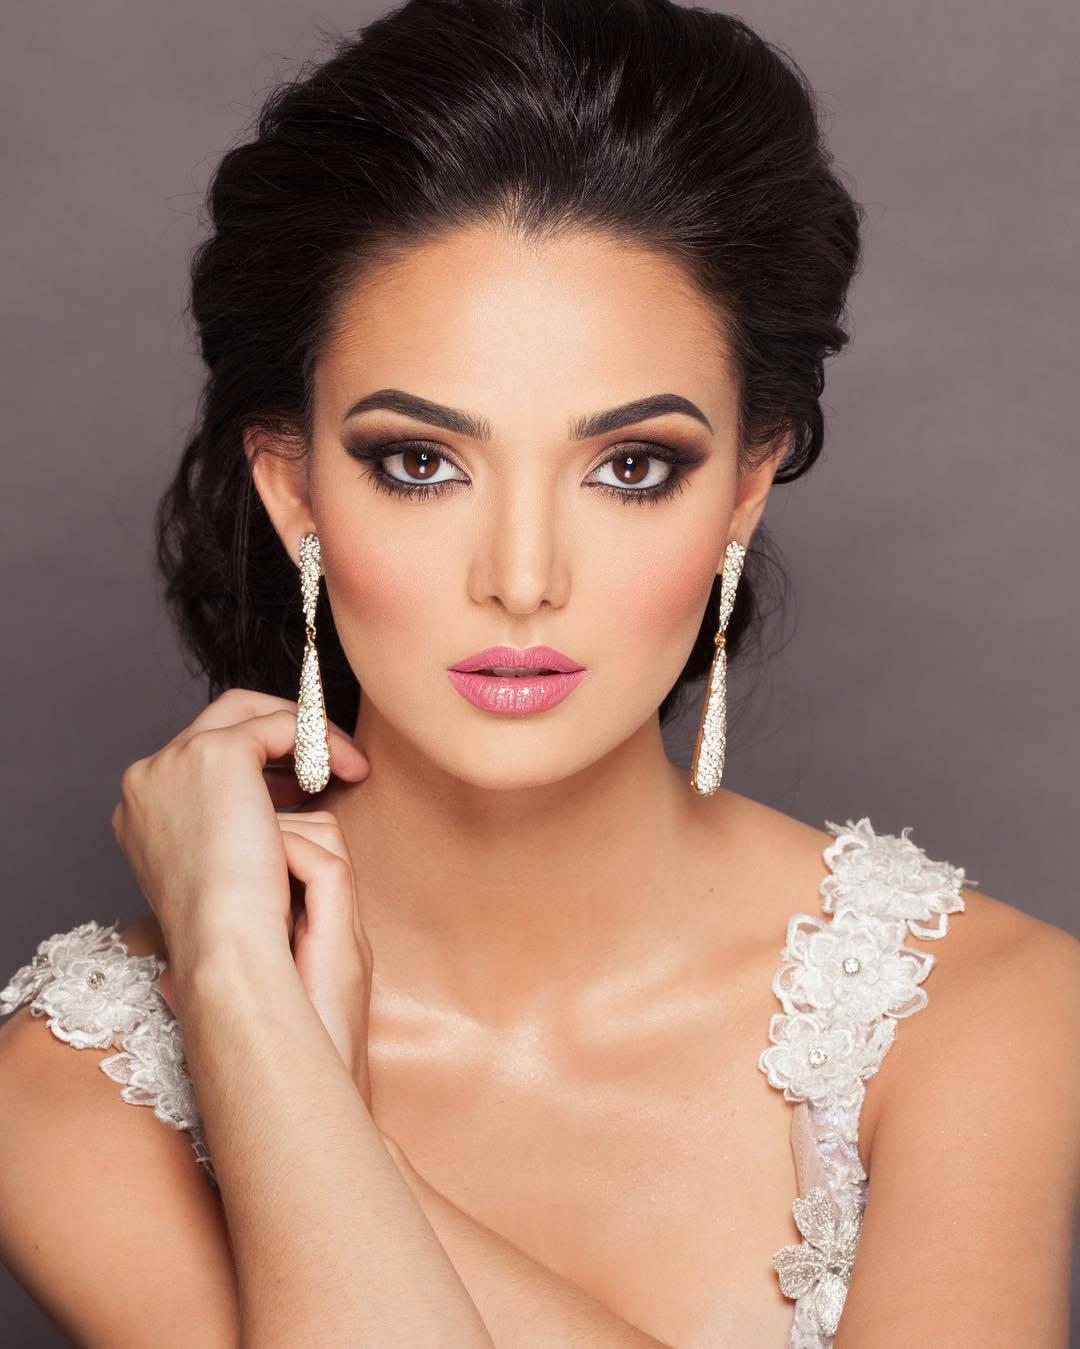 alejandra gonzalez, top 2 de miss usa 2019. - Página 2 Allie-gonzalez-14128765-1086703458032986-1686692262-n_orig